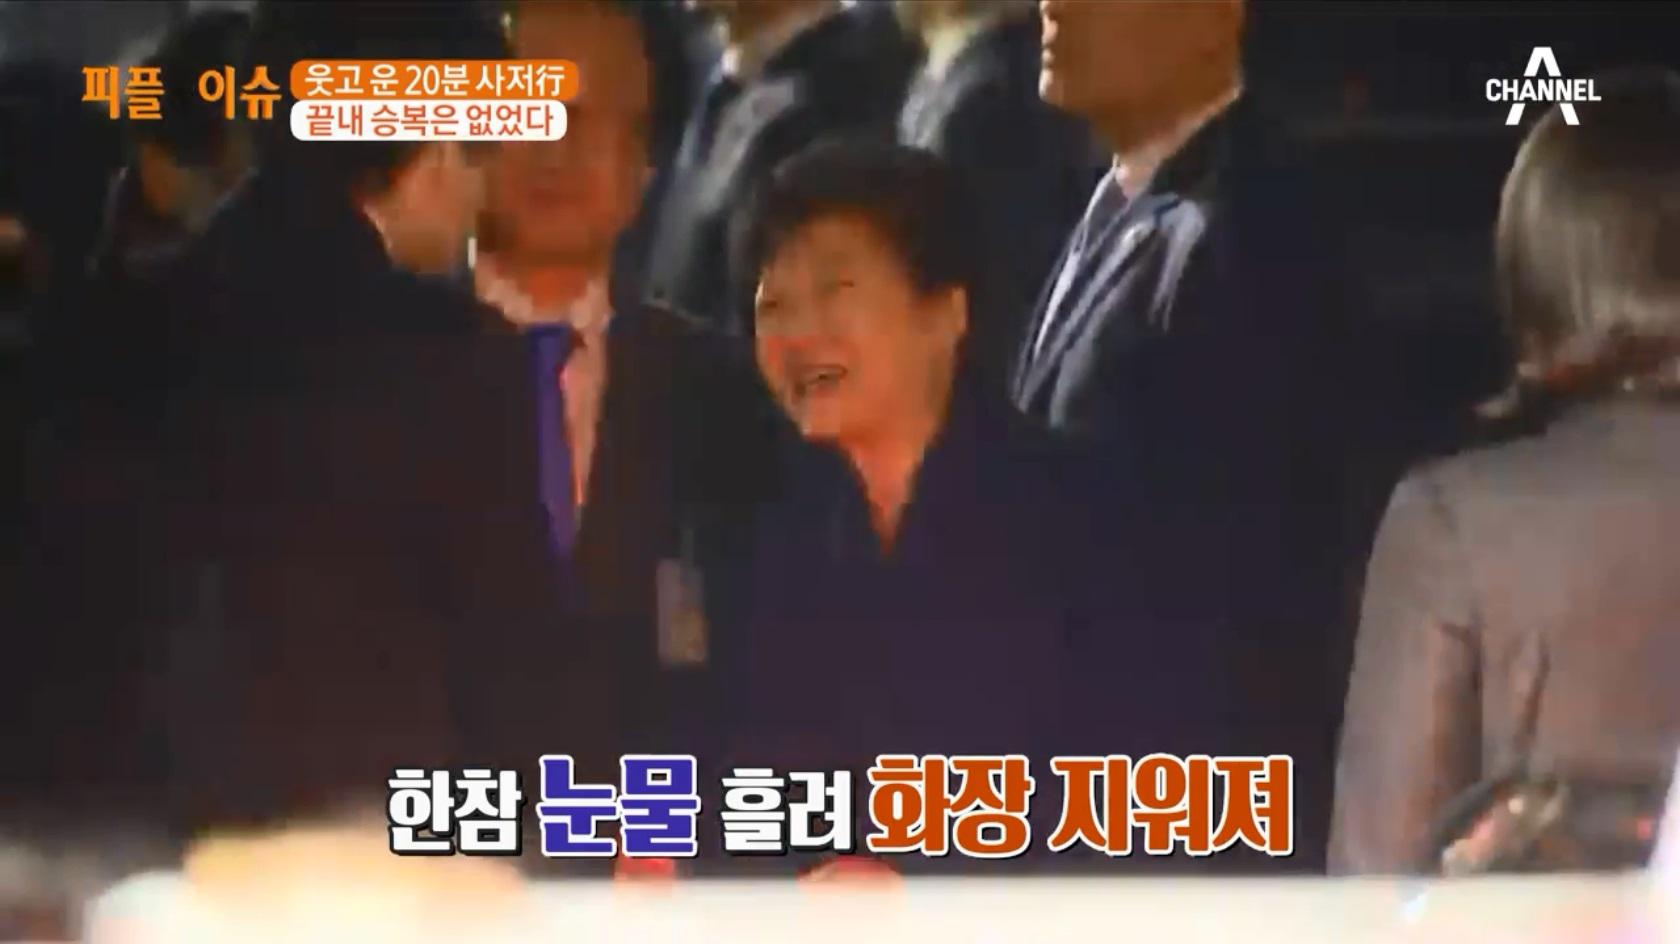 김현욱의 굿모닝 111회